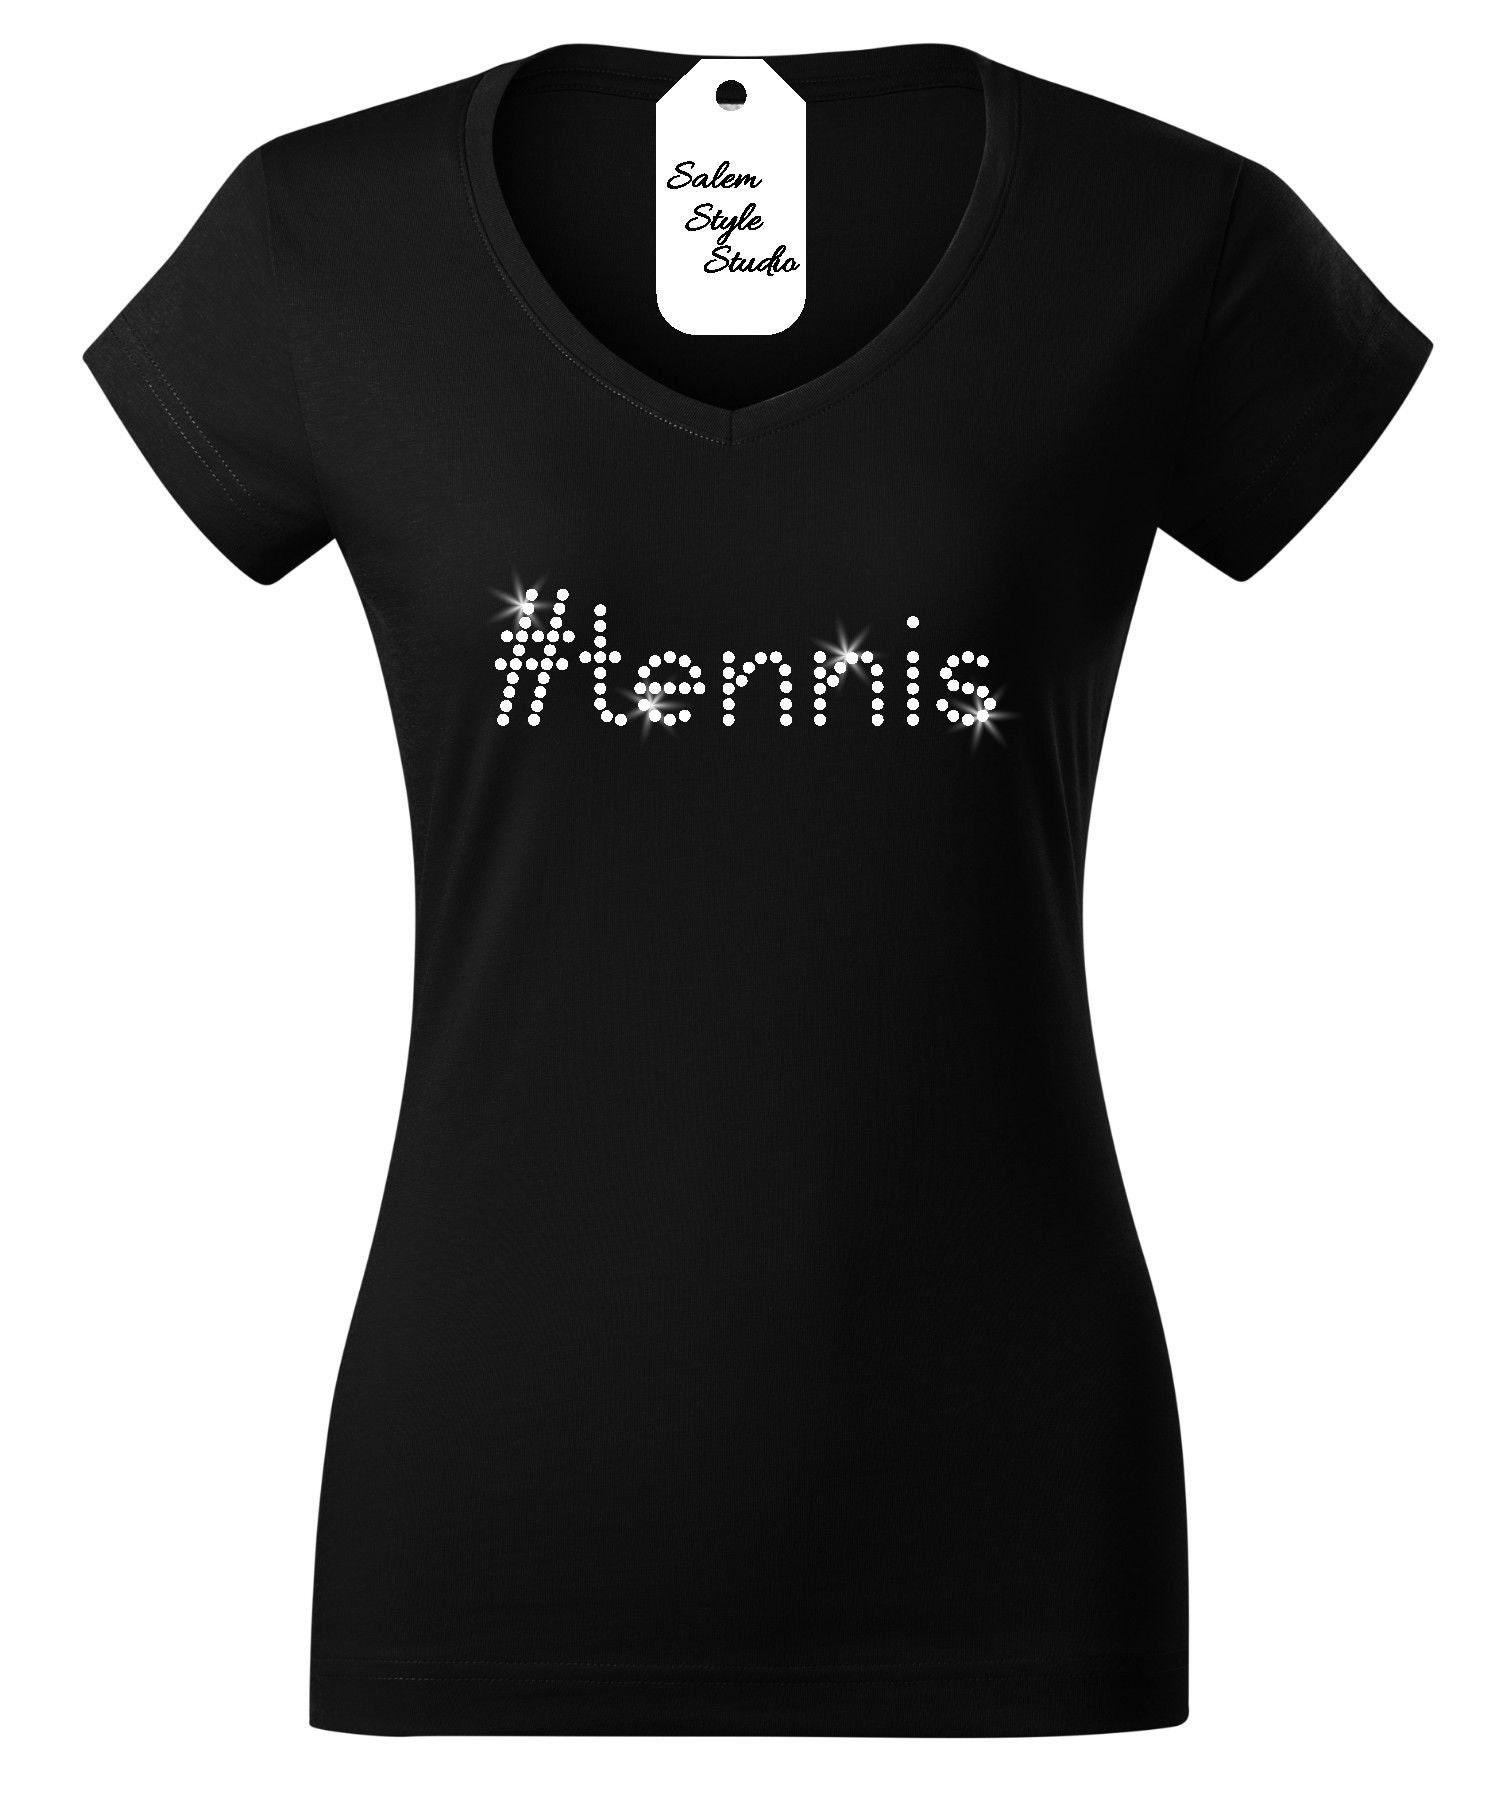 Hashtag Tennis T-shirt With Rhinestone Tennis Shirt Tennis Gift Tennis Hoodie Gift For Her Hashtag Shirt Sport Lover Shirt Unisex Tshirt